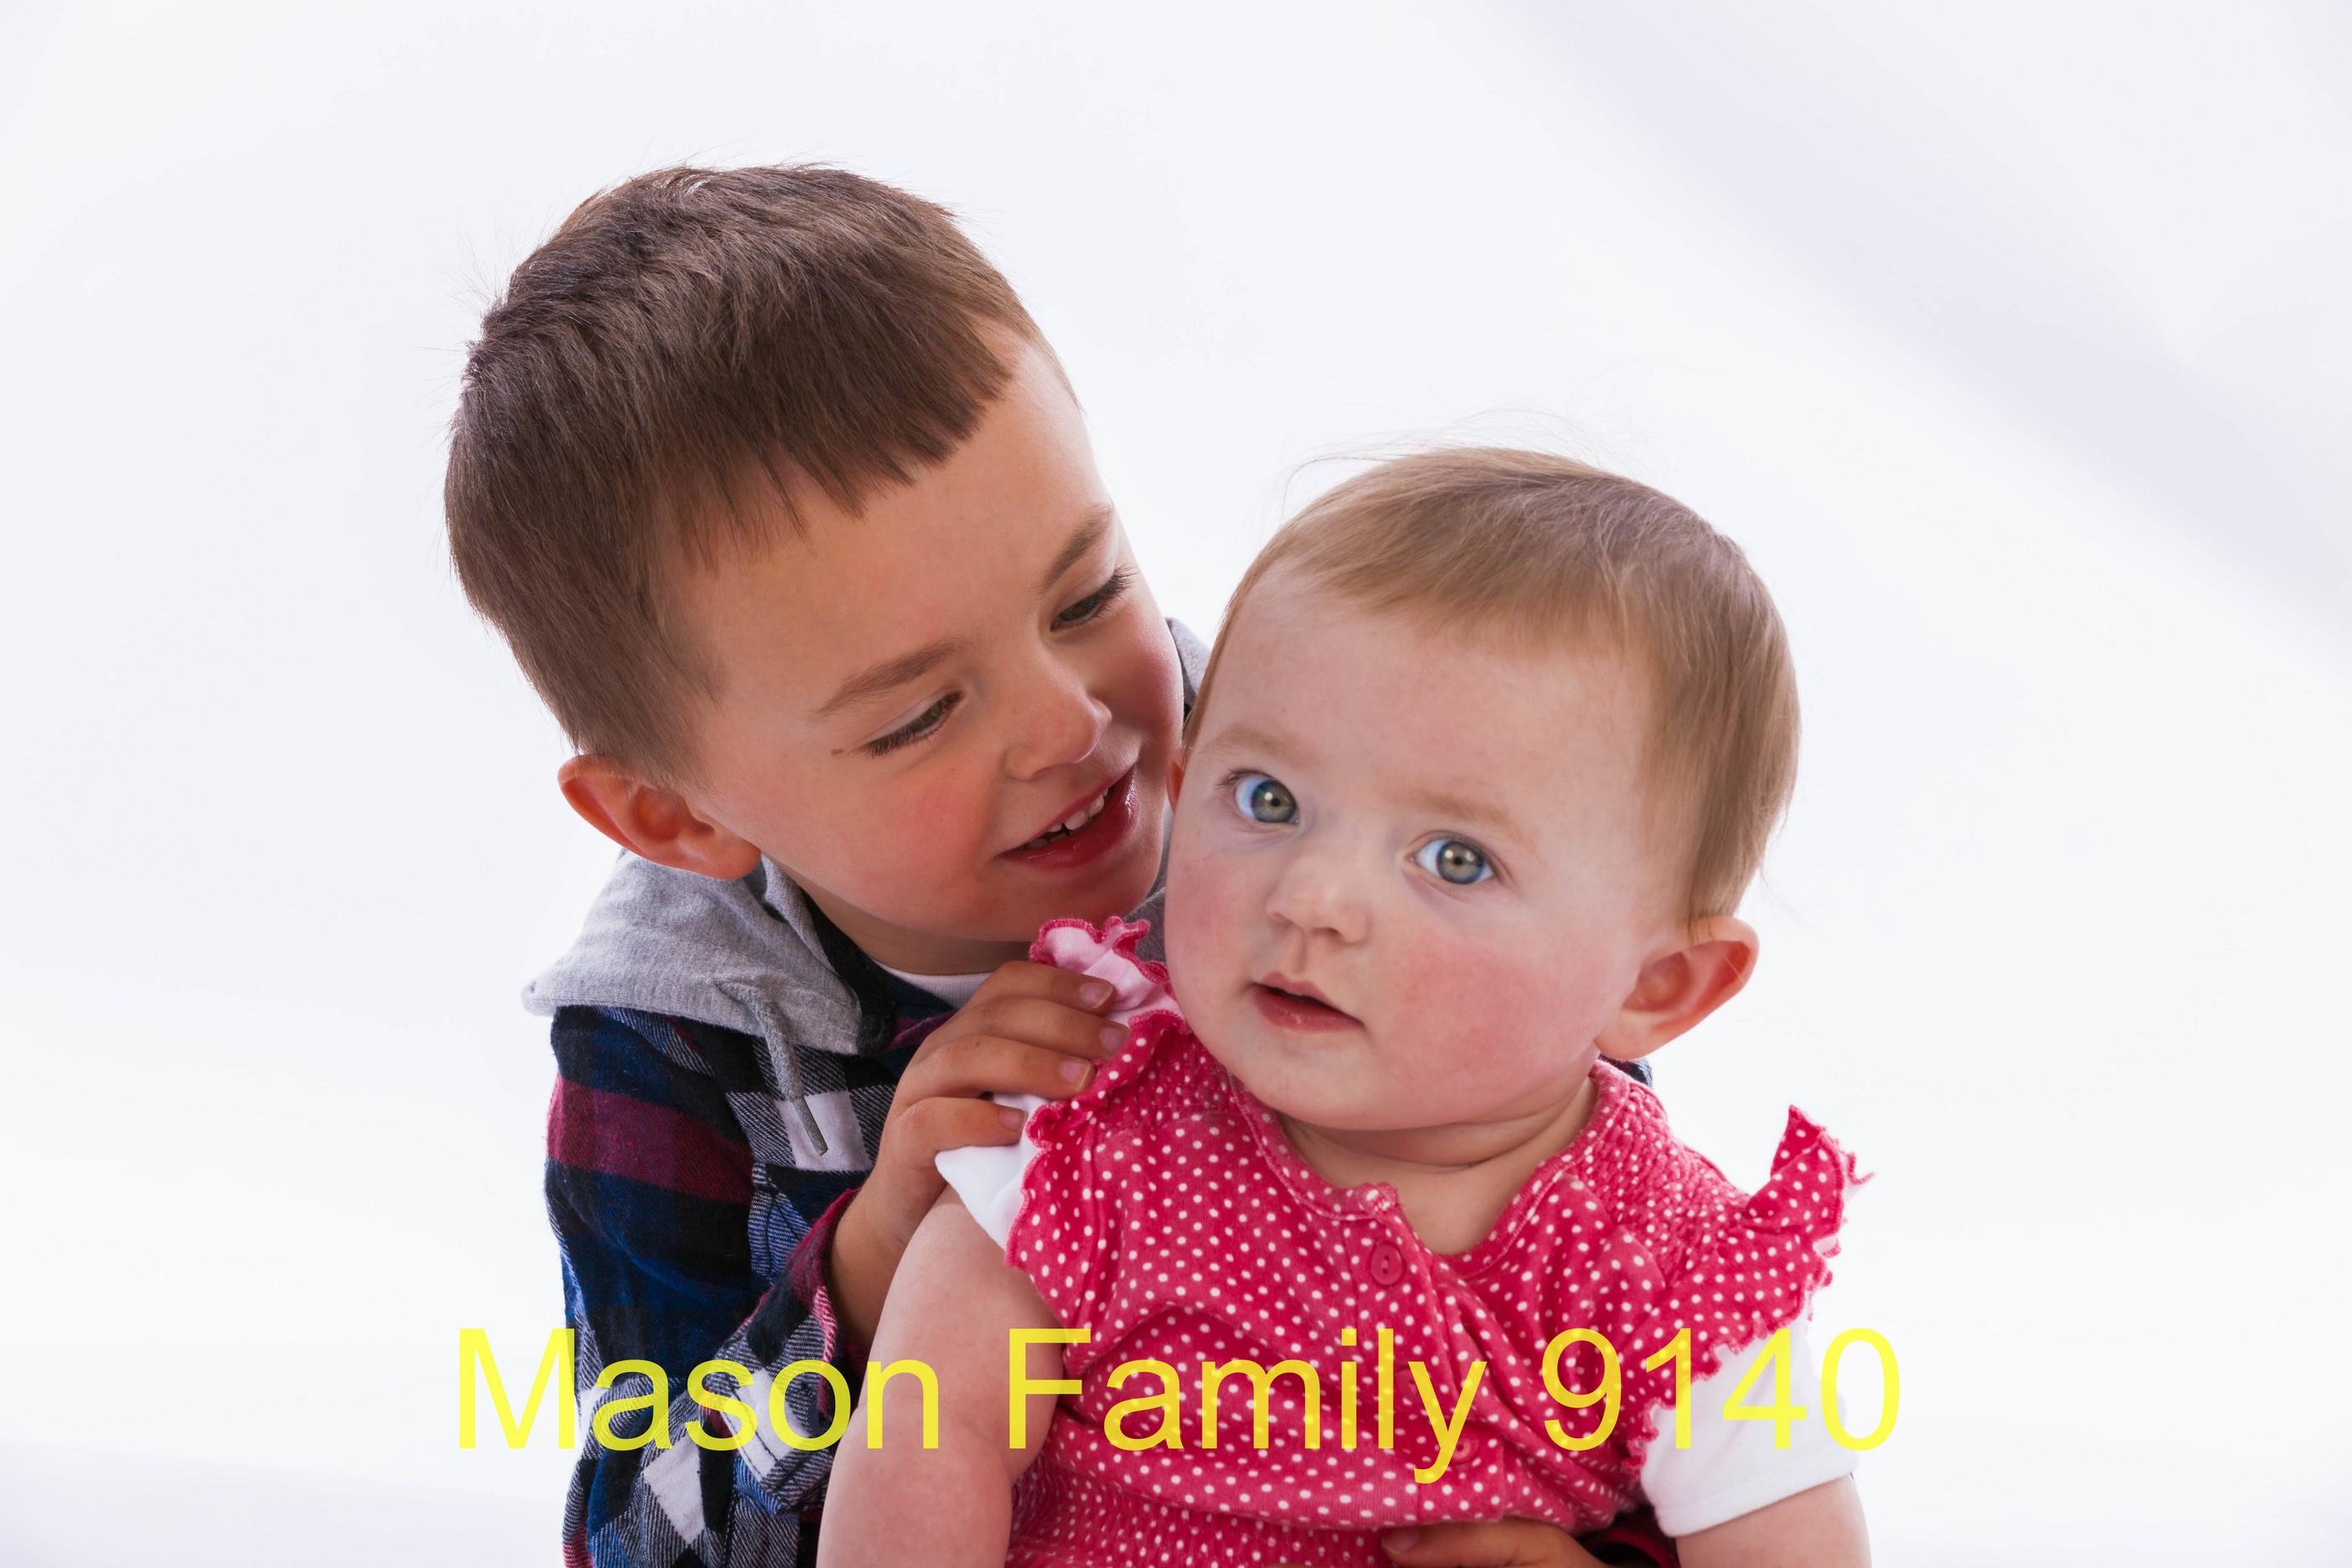 Mason Family 9140